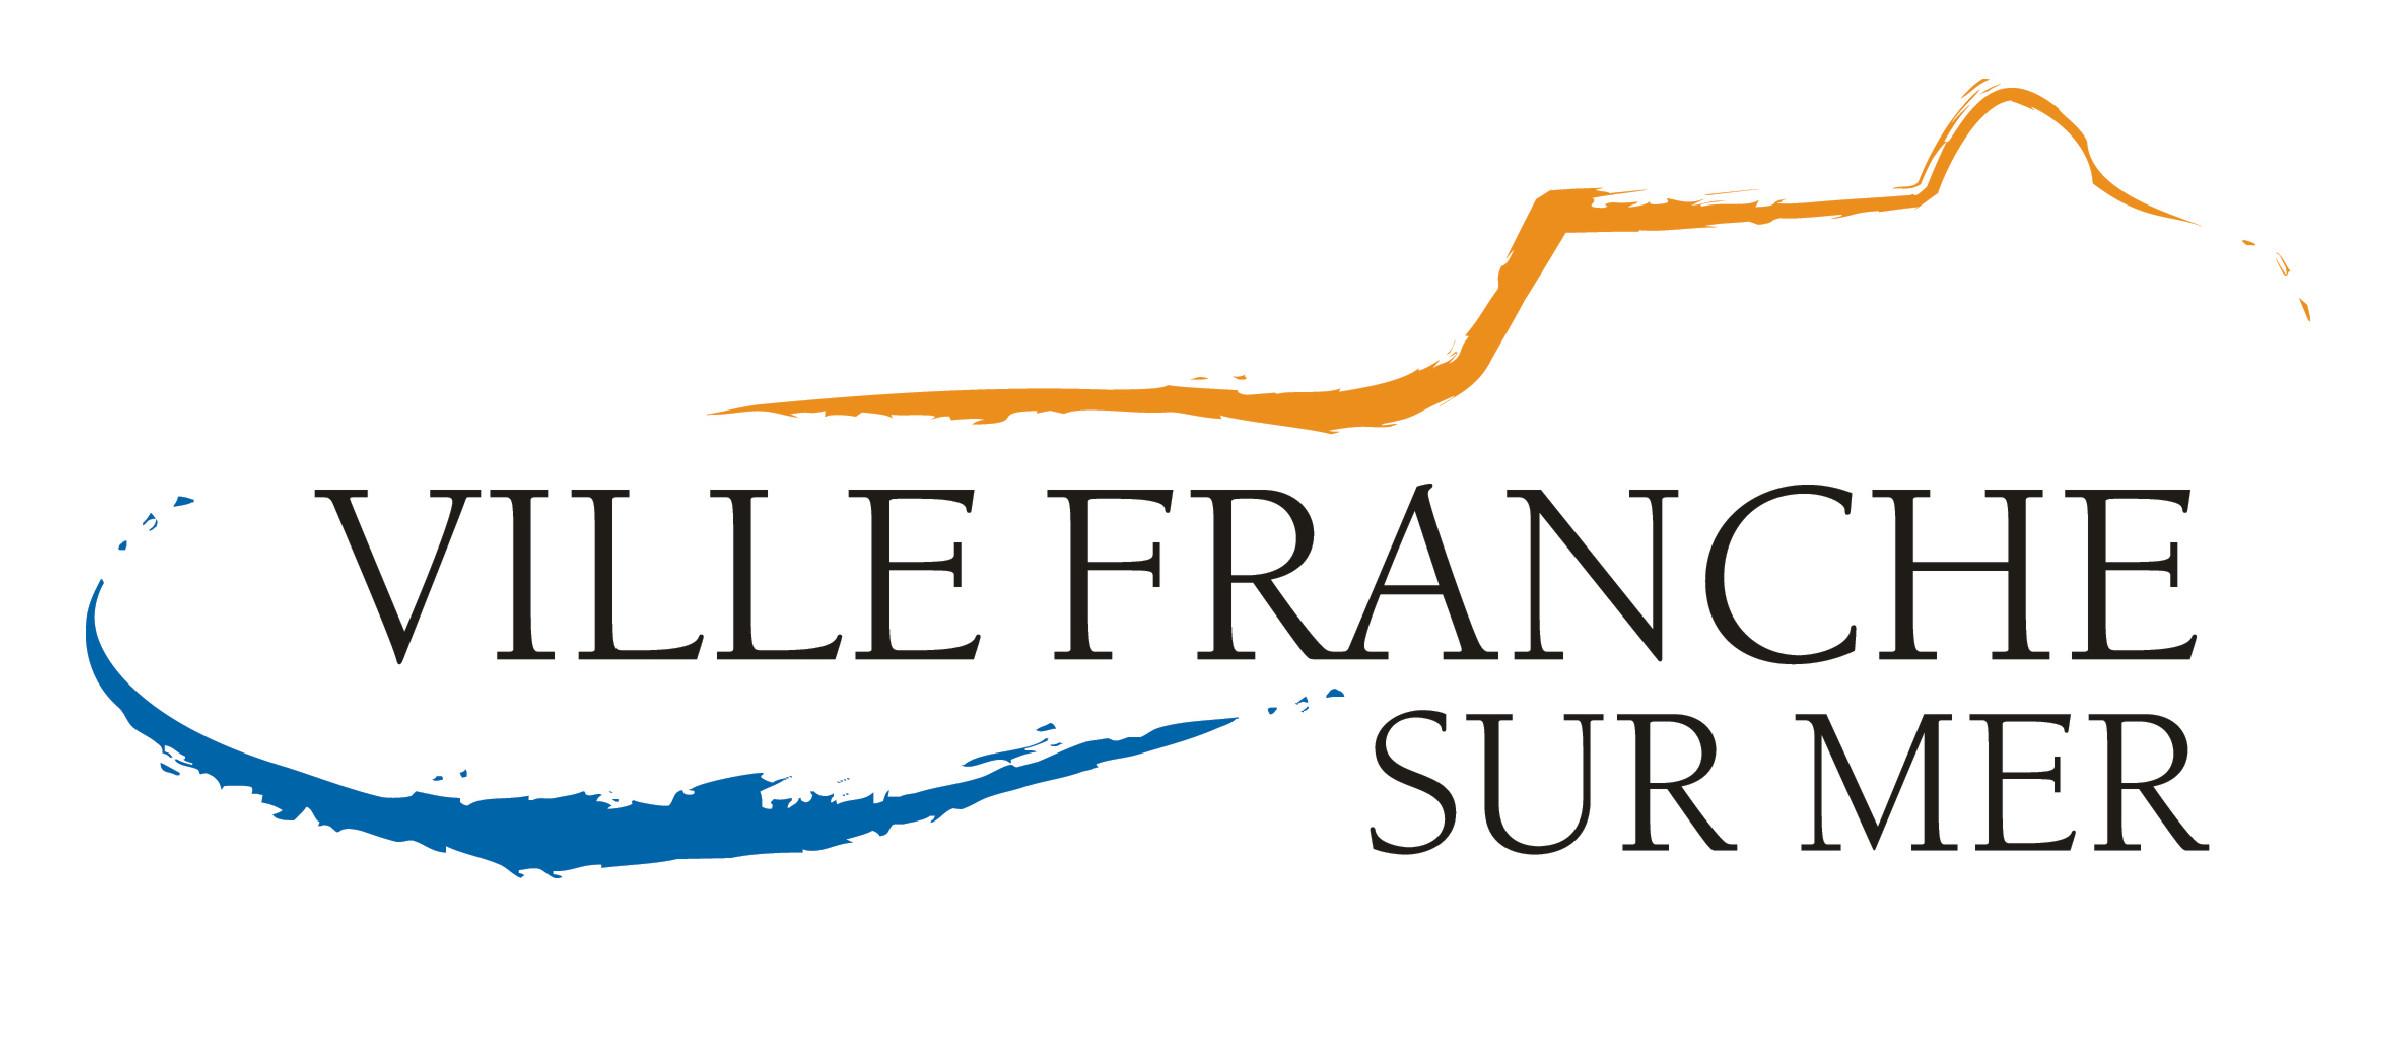 Villefranche sur mer ev nements exceptionnels septembre - Piscine de villefranche sur saone ...